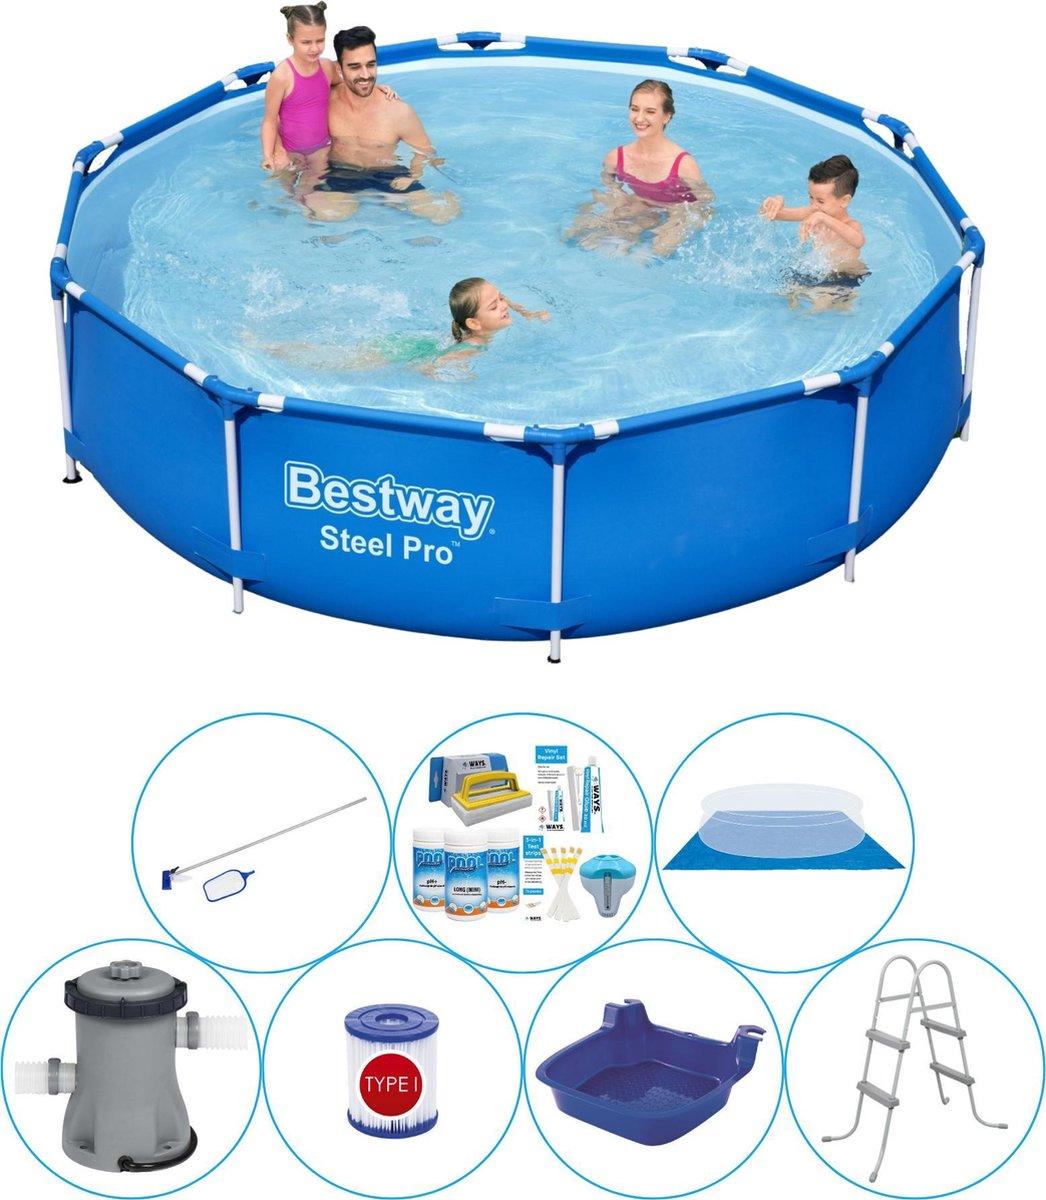 Bestway Steel Pro Rond 305x76 cm - 8-delig - Zwembad Inclusief Accessoires